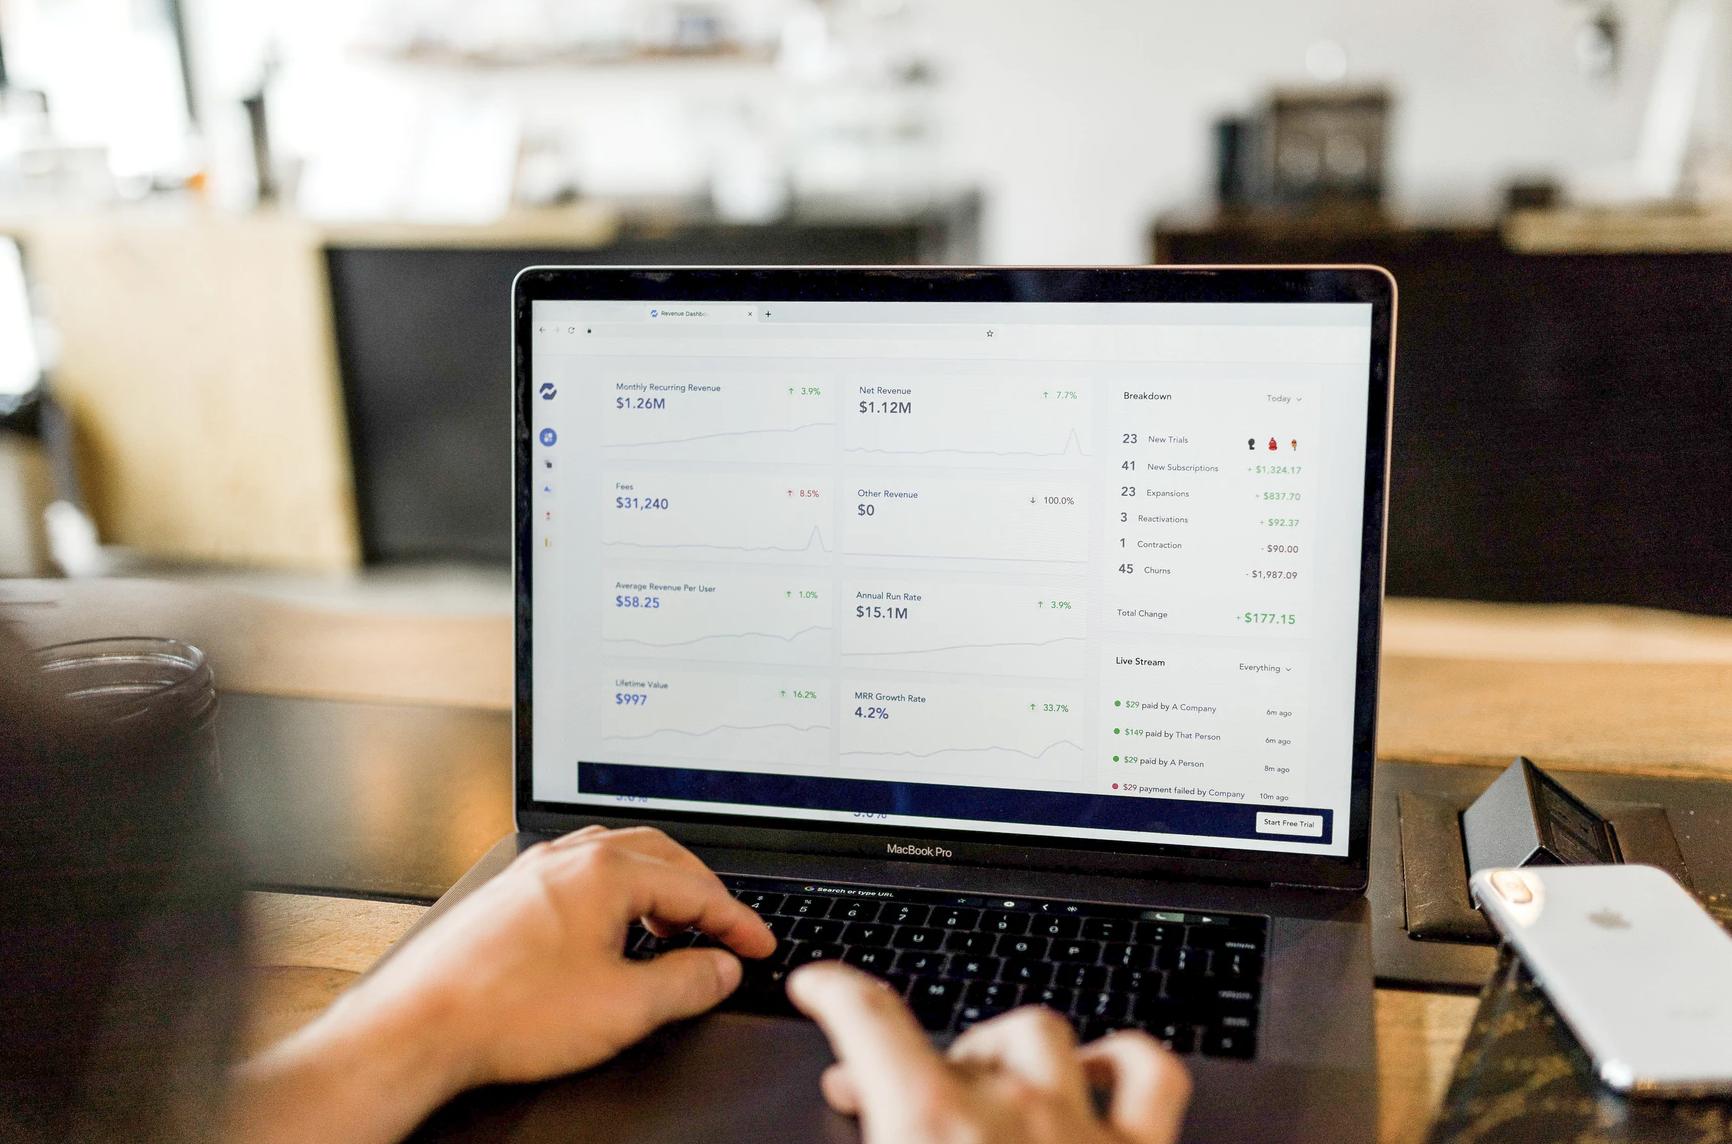 E-commerce u sąsiadów – potencjał do ekspansji dla polskich e-sklepów